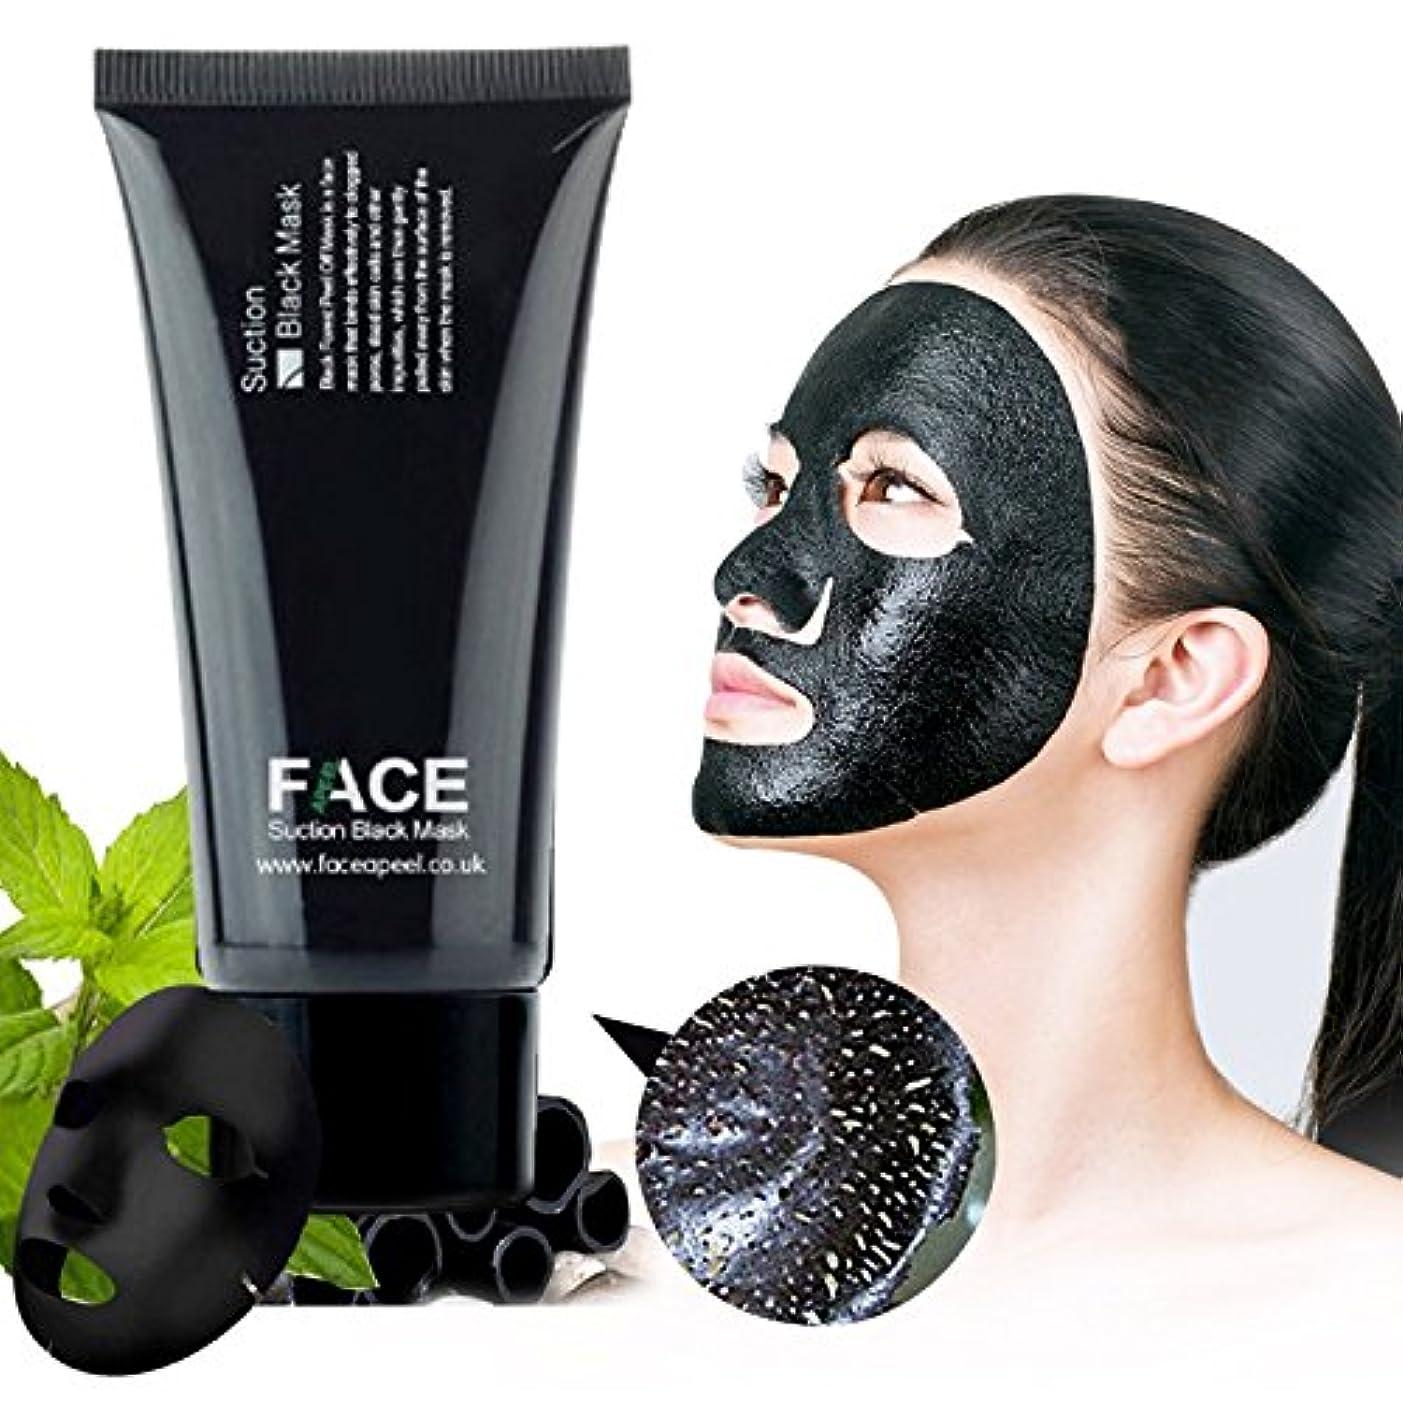 熱狂的な医師耐久FaceApeel Blackheadリムーバーマスク[Blackheadsを取り除く] - プレミアム品質Black Pore Removalは、Face For Faceマスクを剥がす